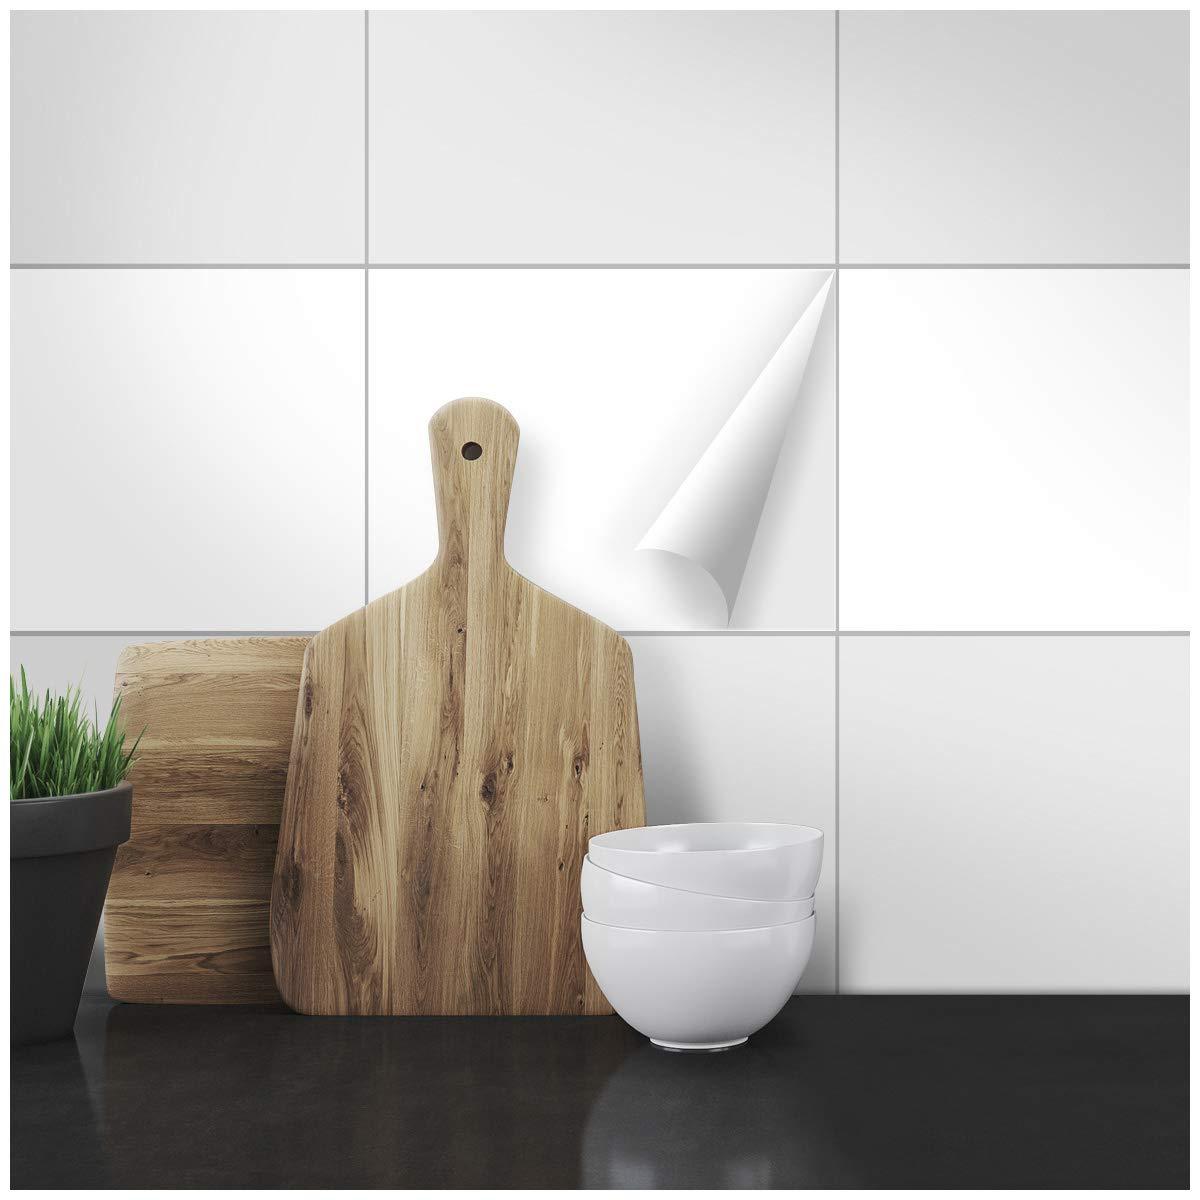 Wandkings Fliesenaufkleber - Wähle eine Farbe & Größe - Weiß Seidenmatt - 19,5 x 24,5 cm - 50 Stück für Fliesen in Küche, Bad & mehr B074DZKHMW Fliesenaufkleber